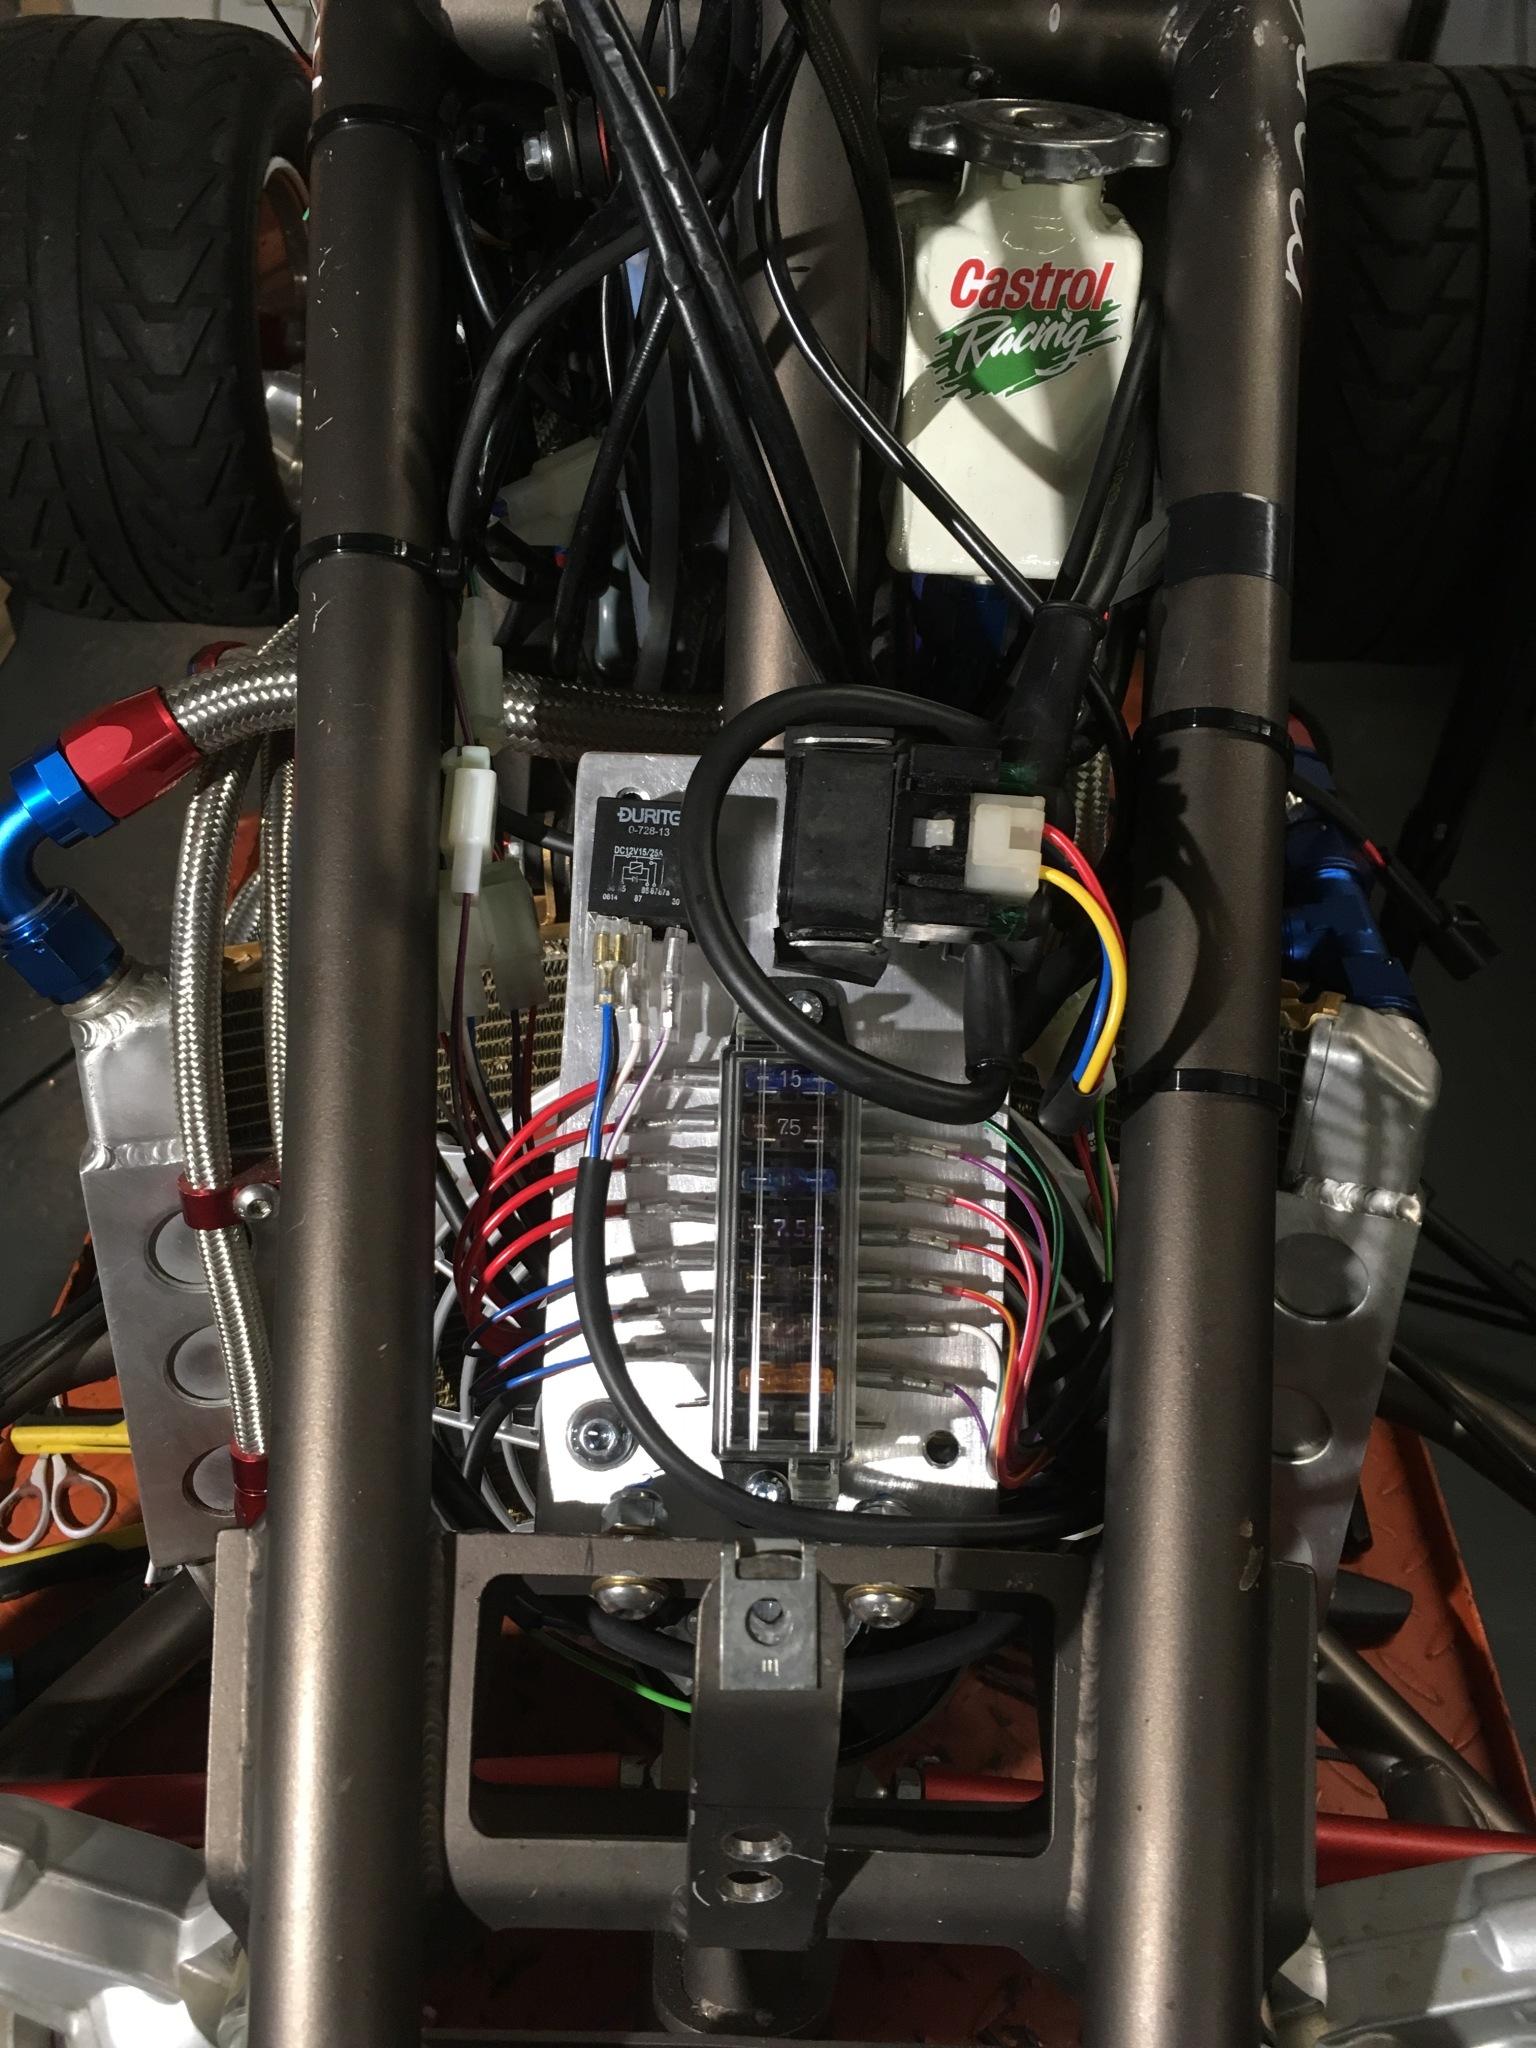 [DIAGRAM_4PO]  Aprilia SXV550 quad rewire | Aprilia Sxv Fuse Box |  | Rupe's Rewires